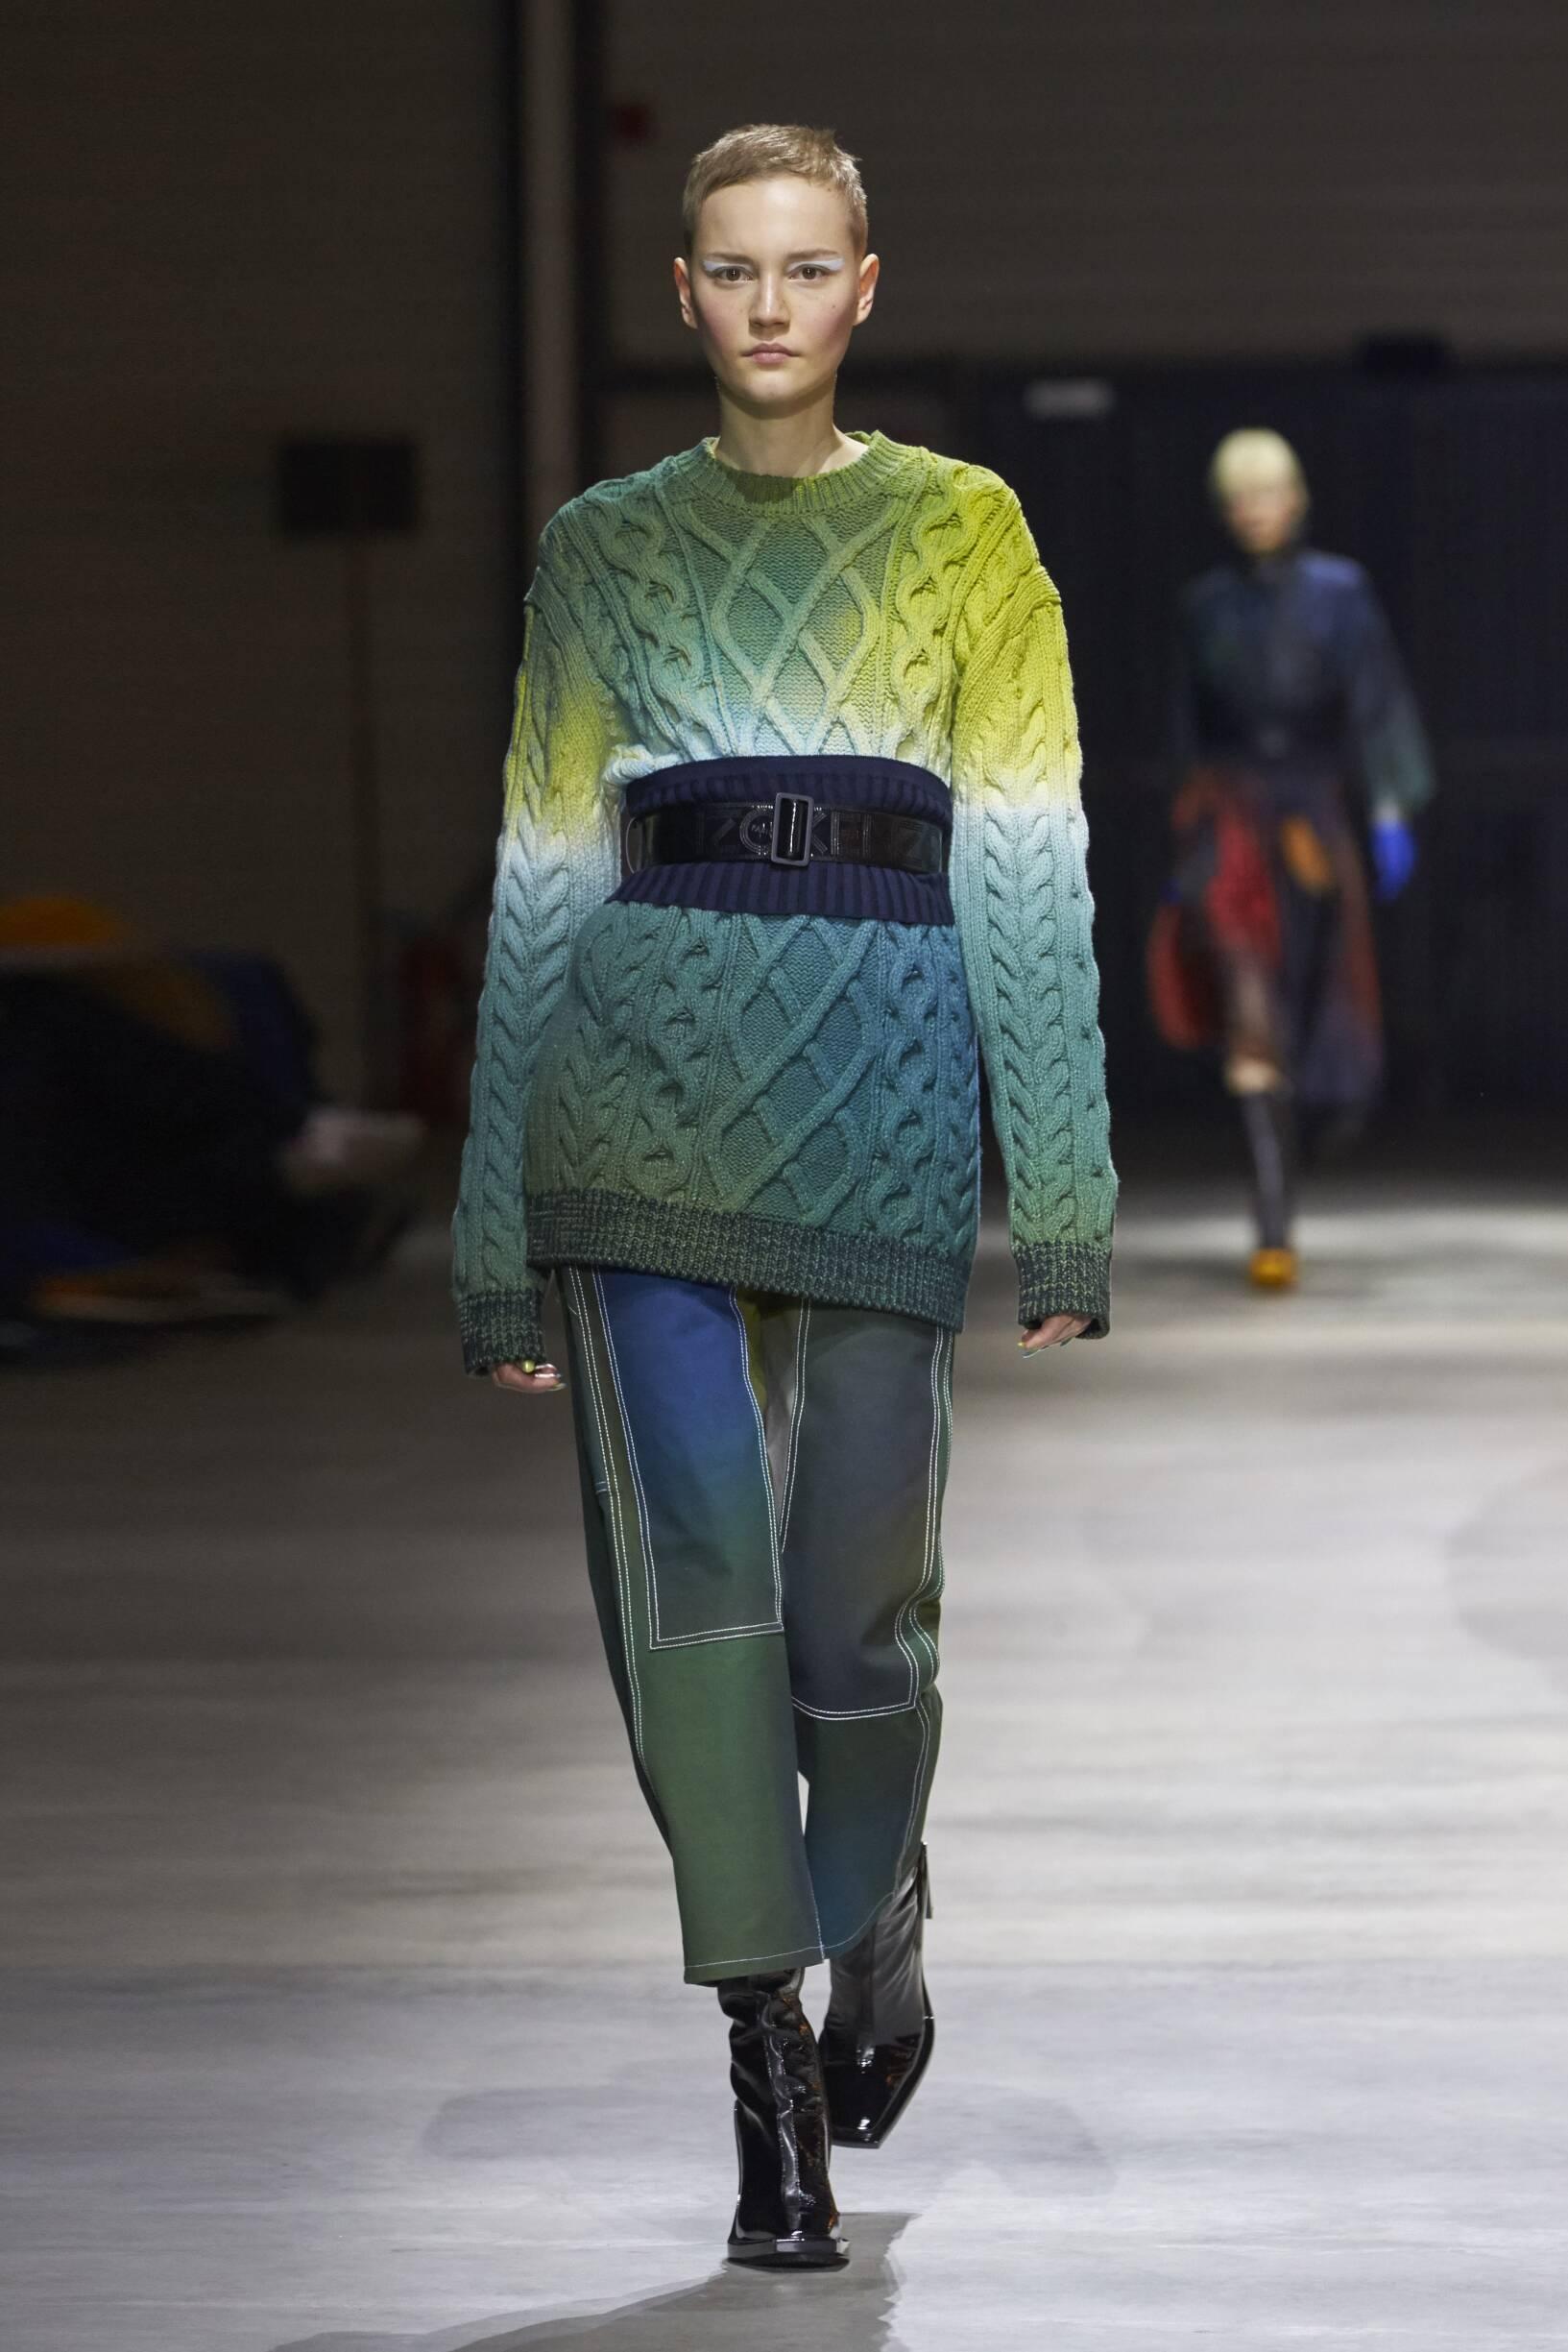 Womens Fall Fashion 2017-18 Kenzo